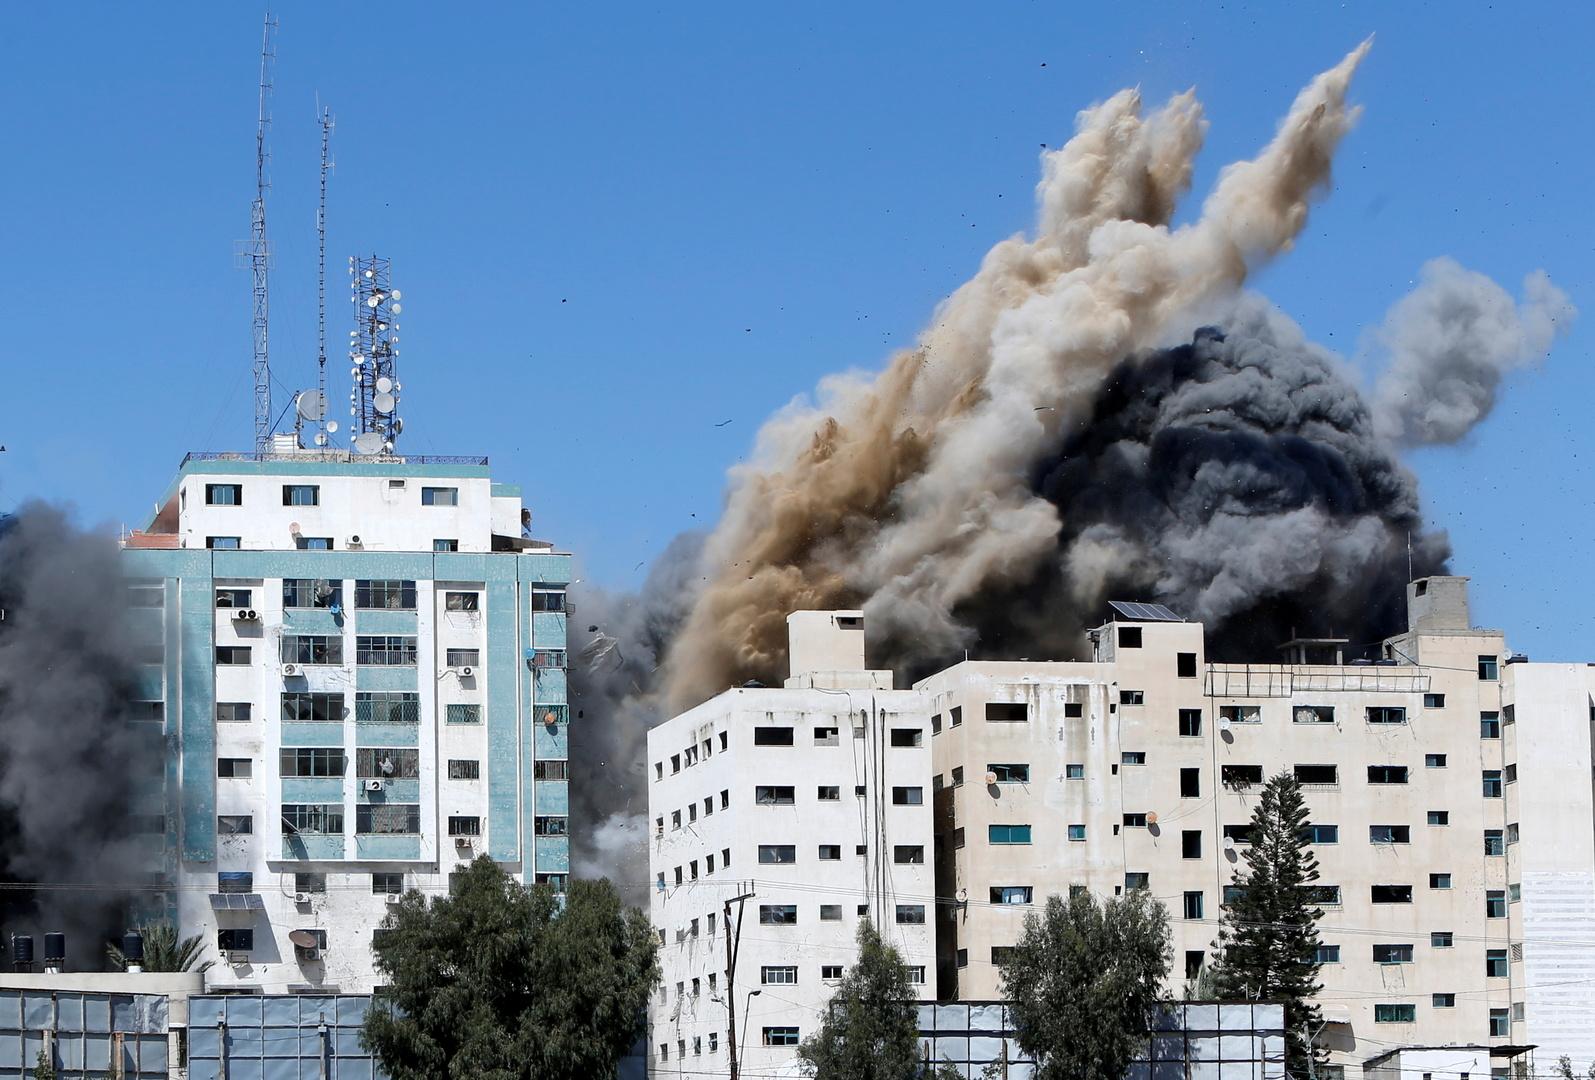 الجيش الإسرائيلي يصدر بيانا تعليقا على تدميره لبرج الجلاء